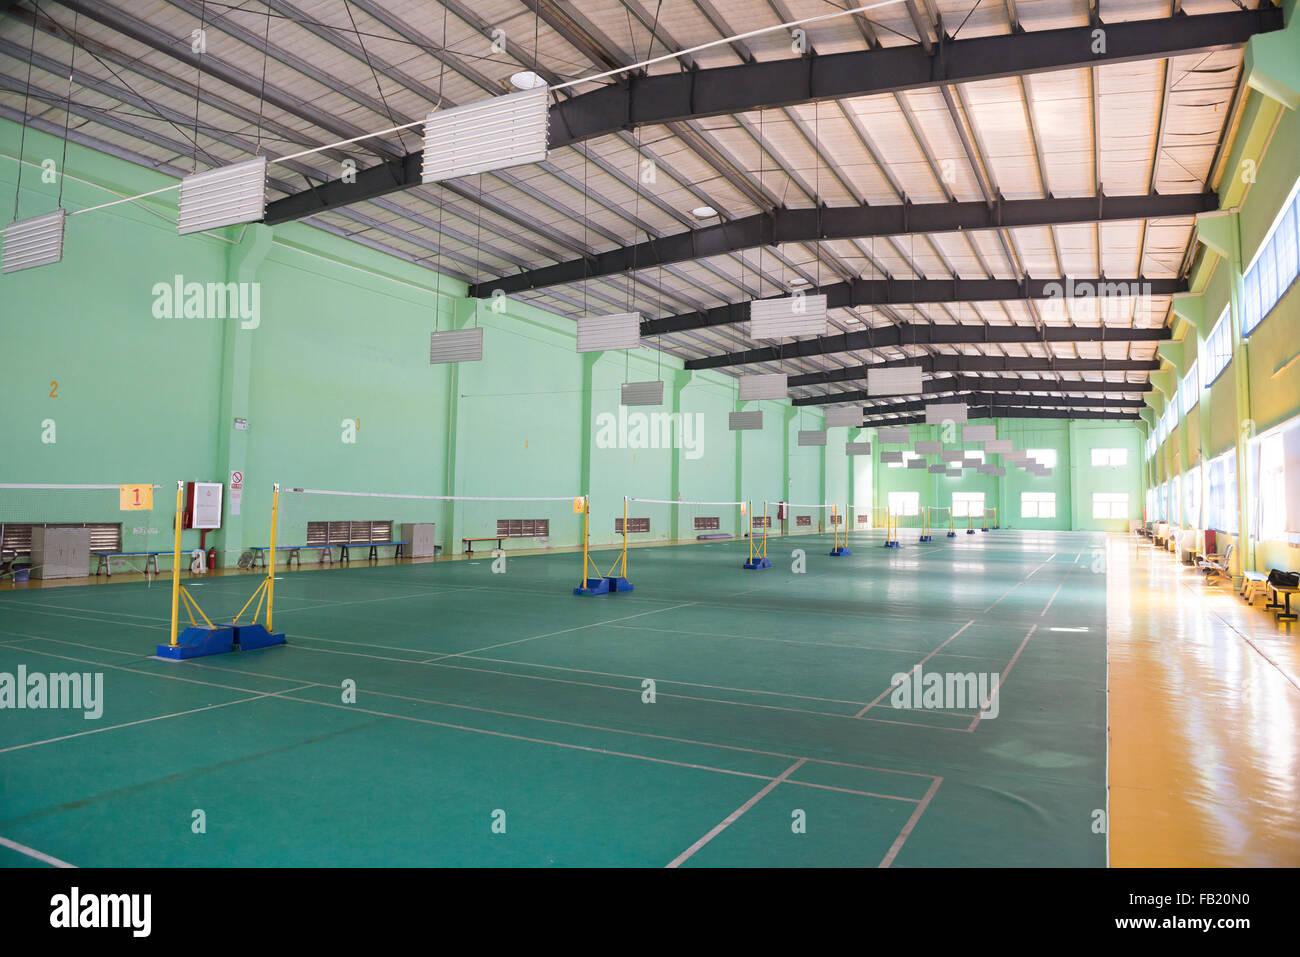 Badminton indoor Photo Stock